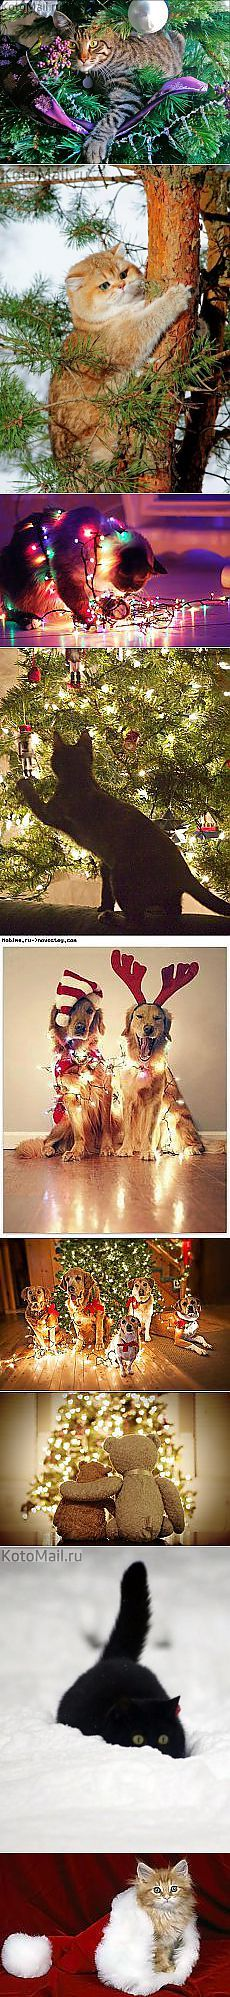 Дед Мороз: Новогодние коты | Постила.ru